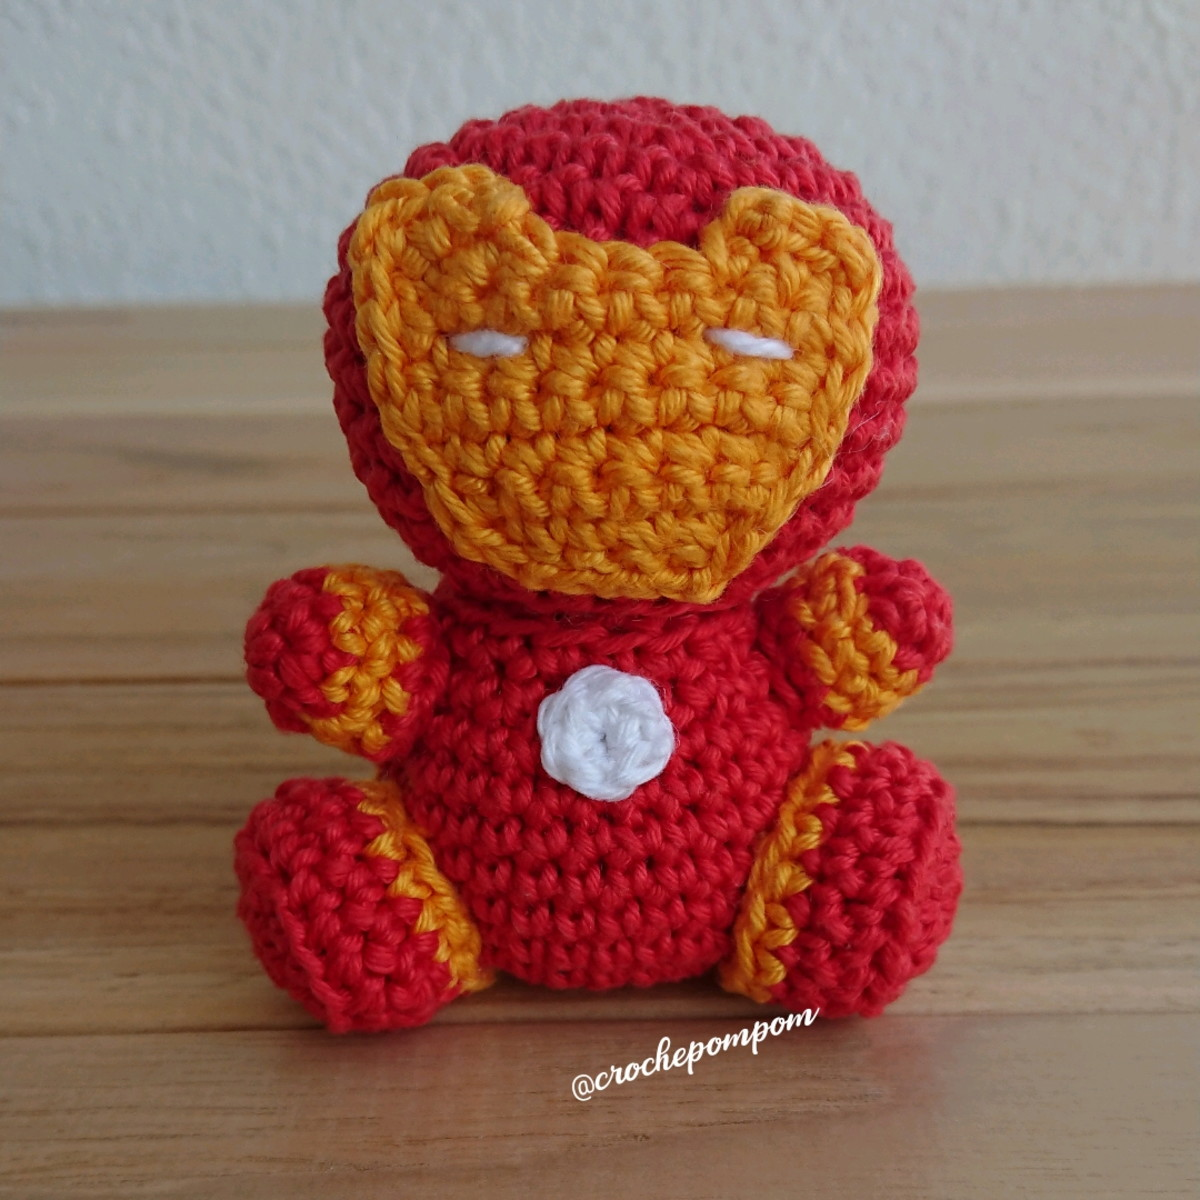 Iron Man Tony Stark crochet amigurumi chibi plush doll Marvel ... | 1200x1200